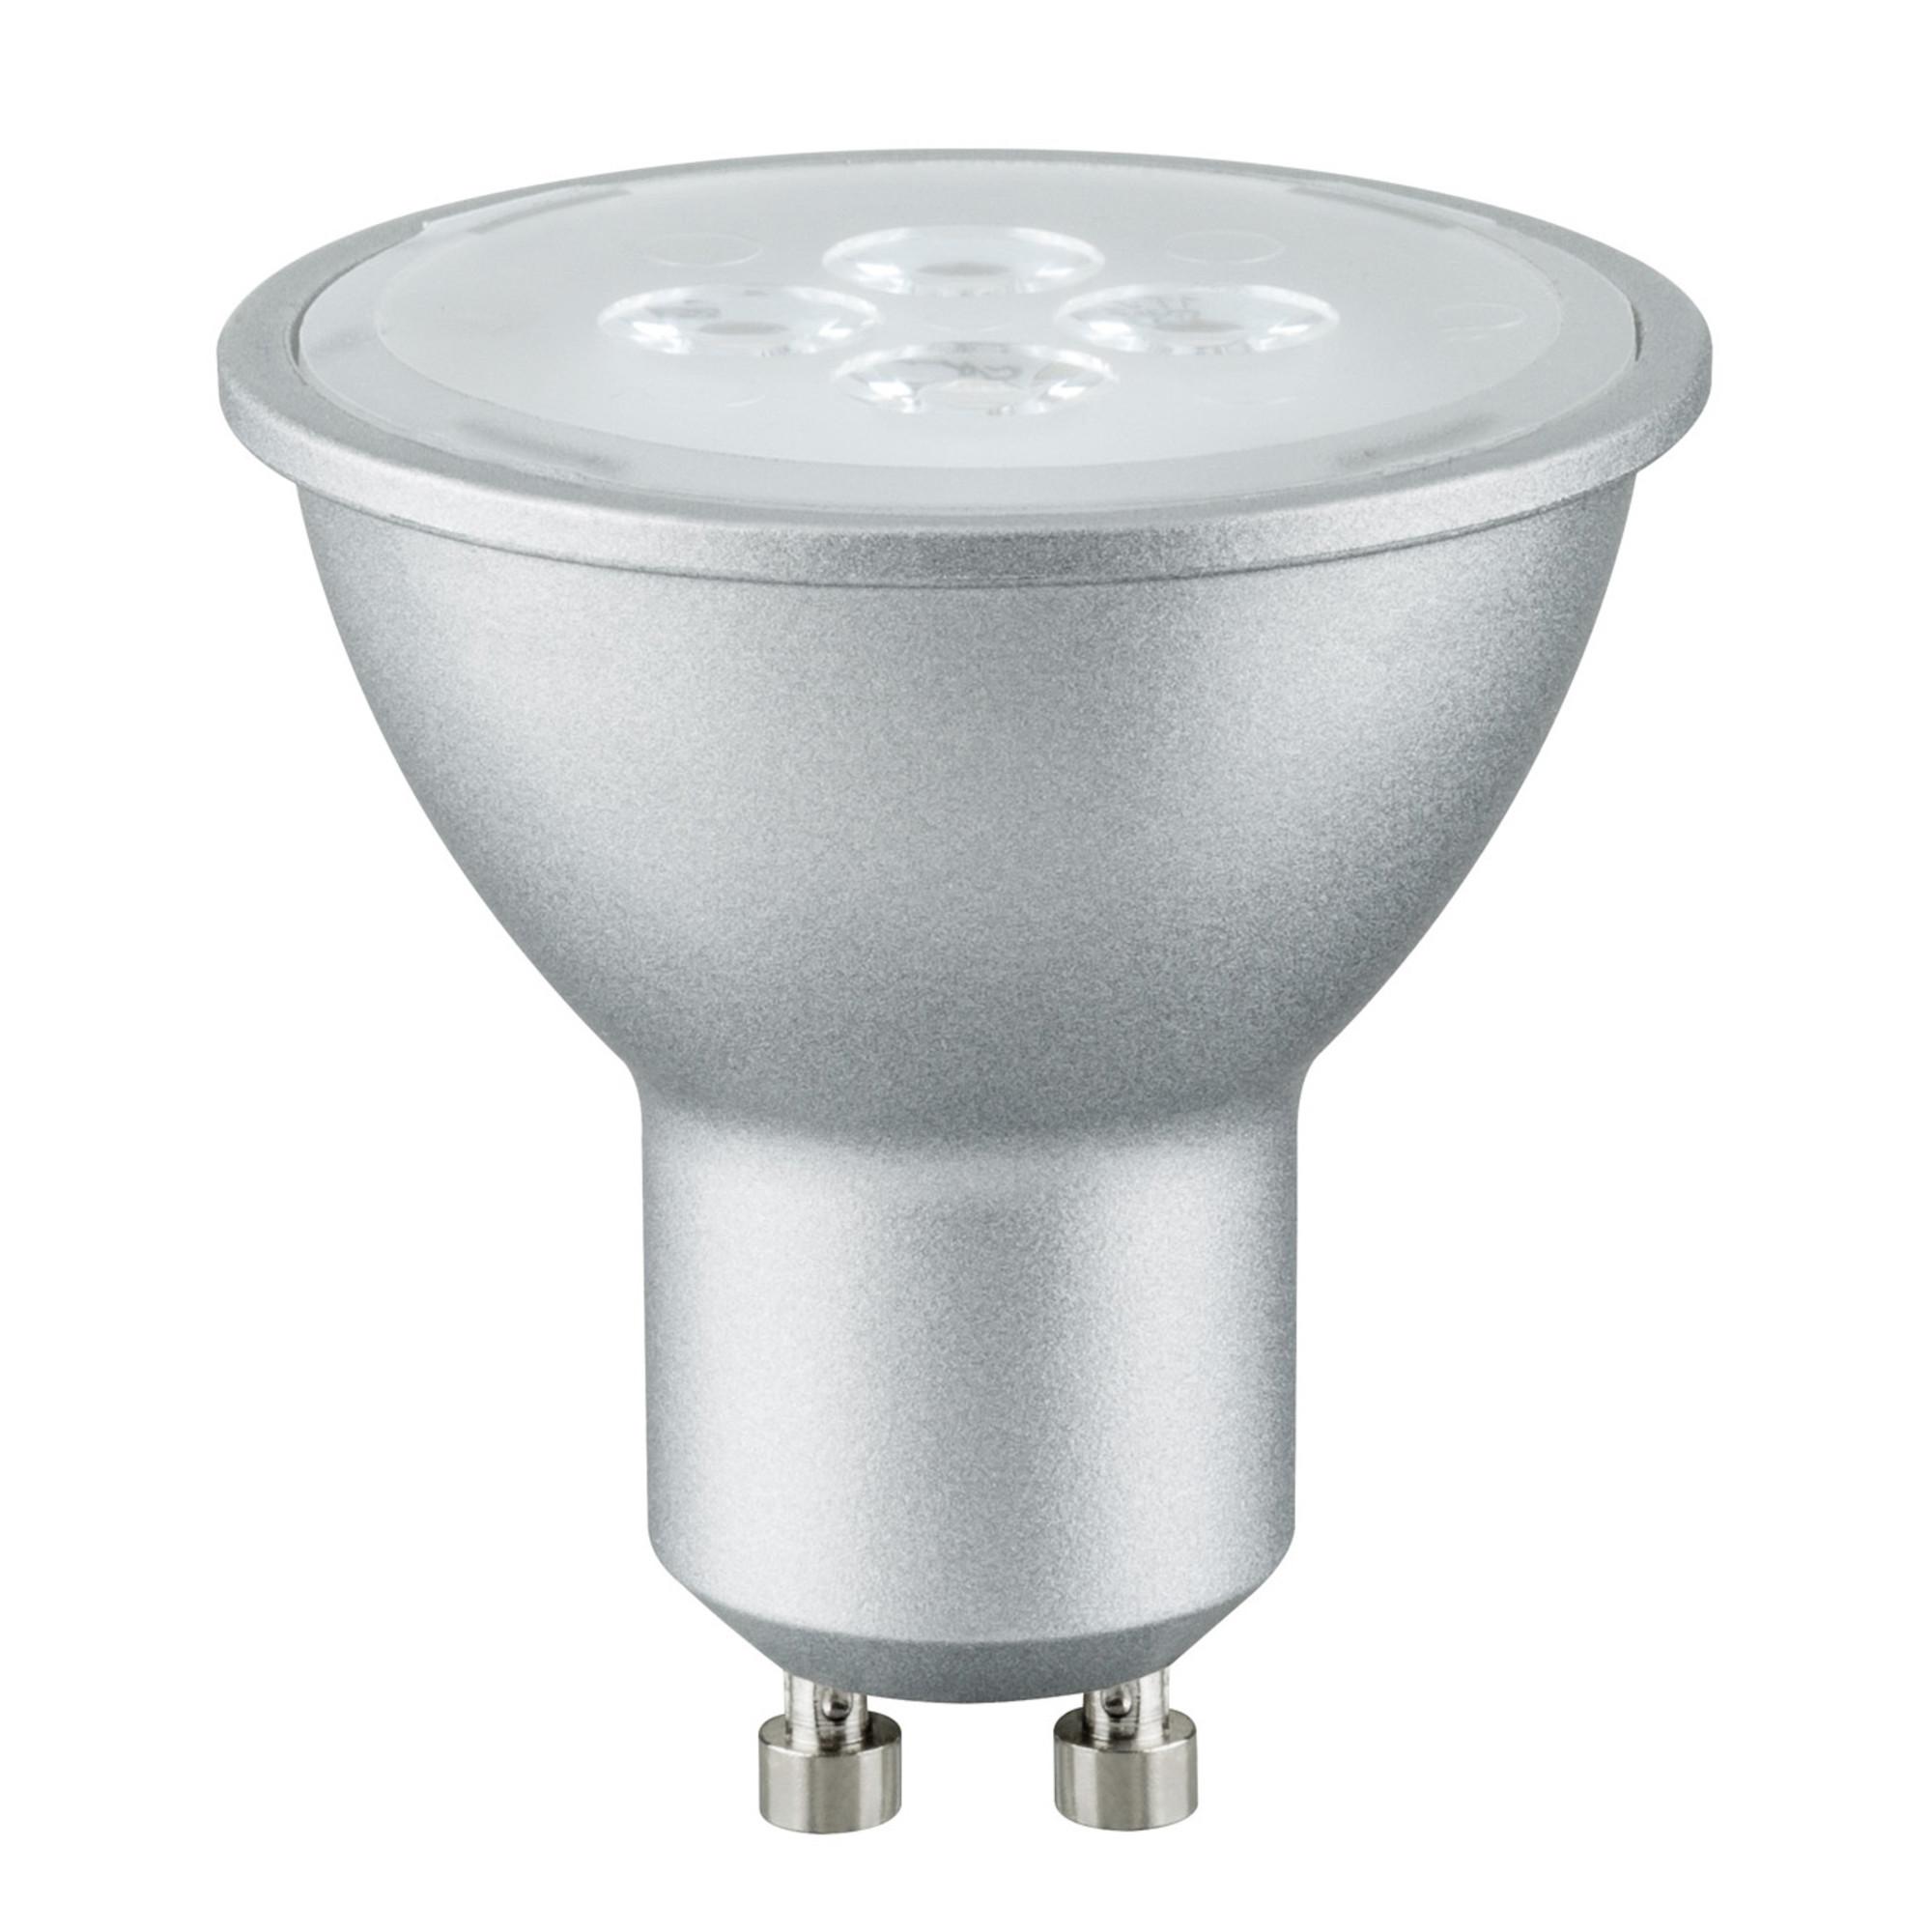 Лампа светодиодная Paulmann 28274 GU10 250 Лм холодный свет